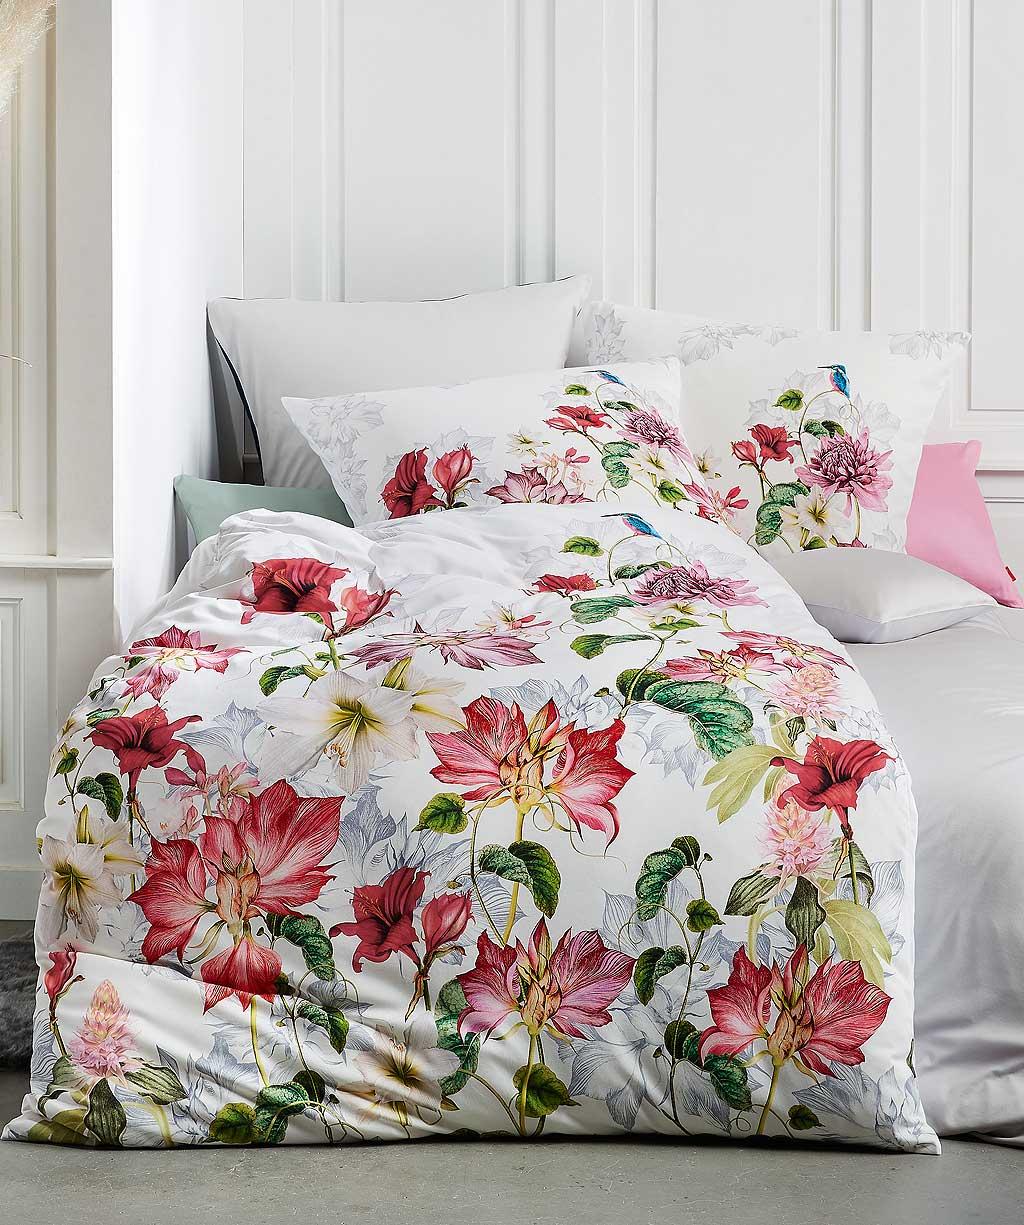 Rote Blumenbettwäsche aus hochwertigem bügelfreien Interlock Jersey